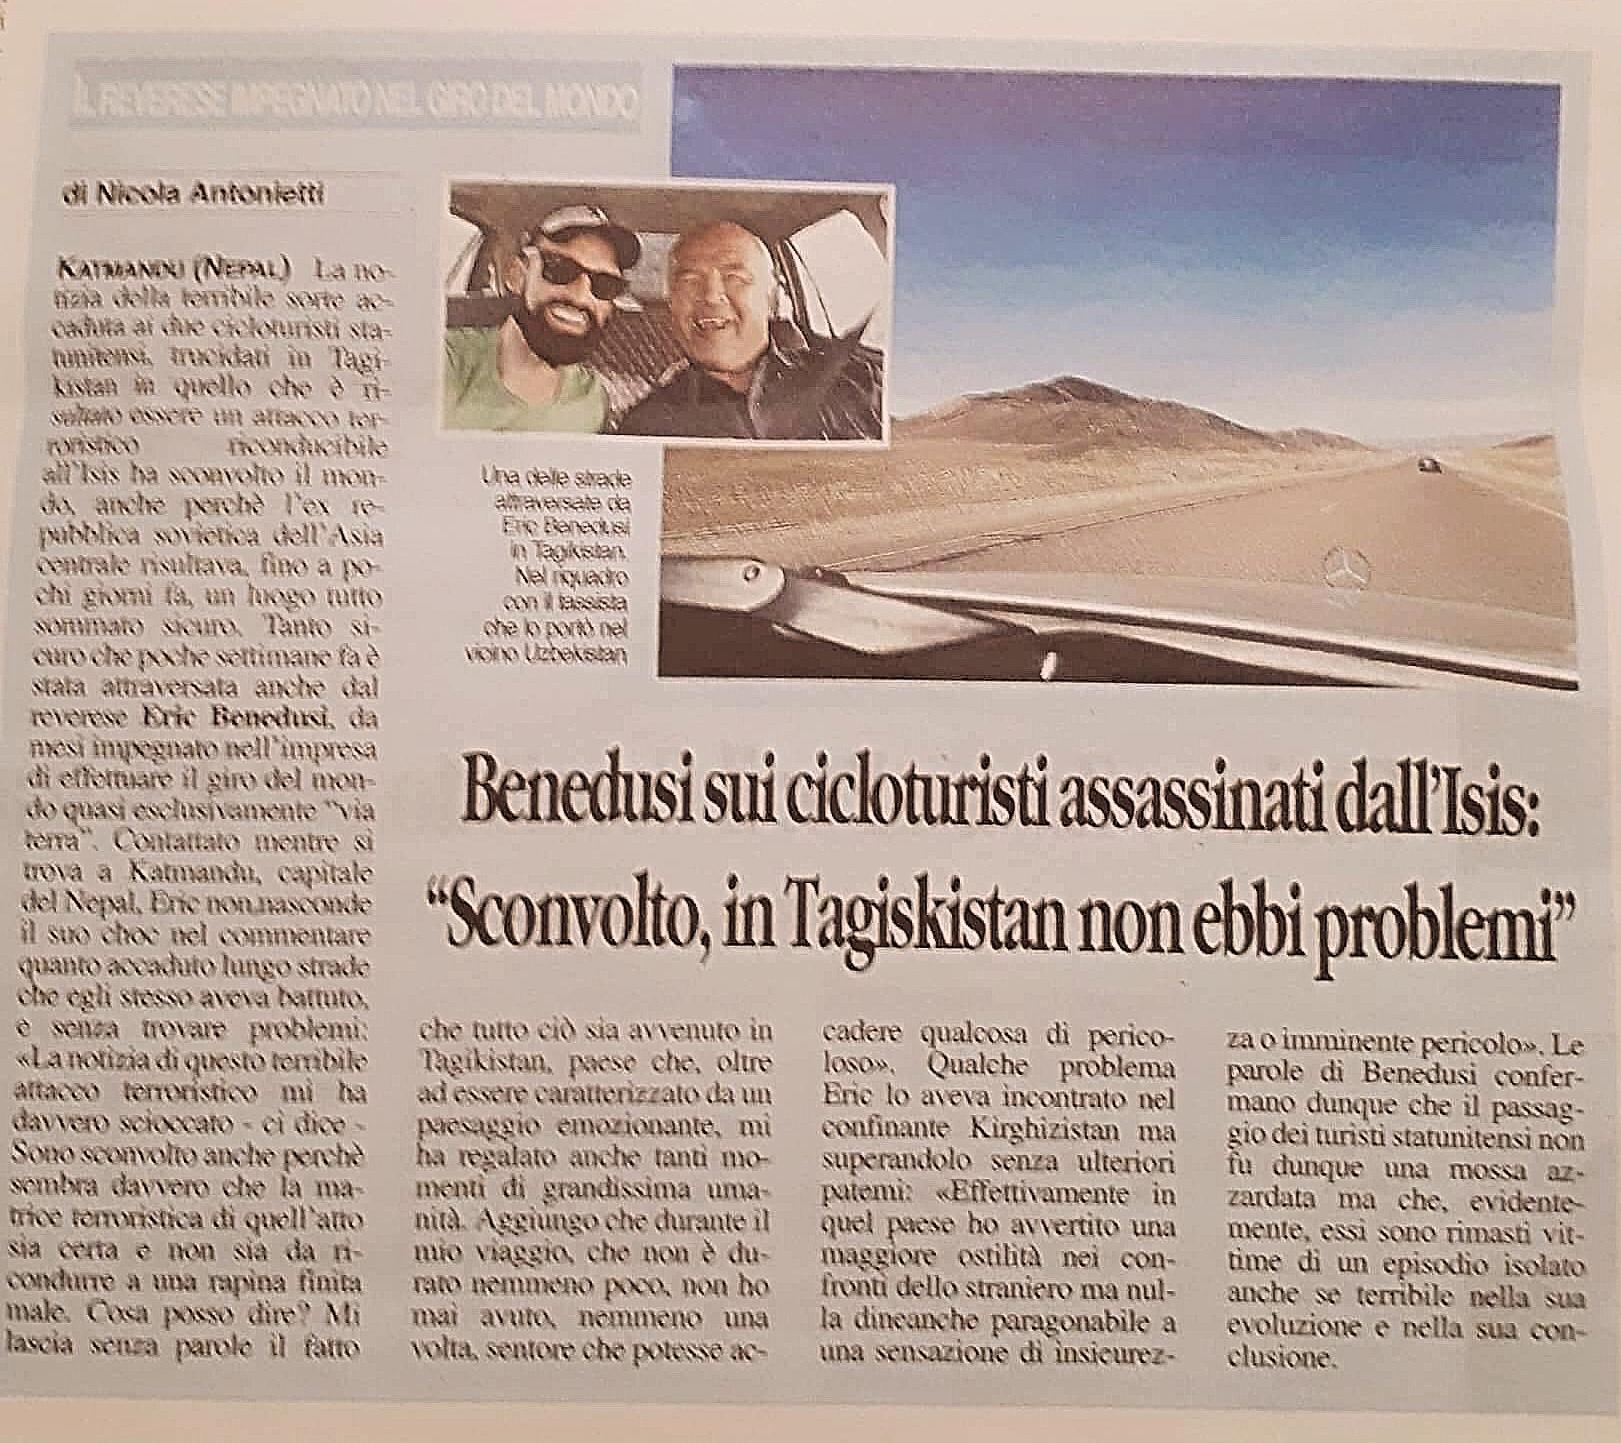 """Benedusi sui cicloturisti assassinati dall'Isis """"Sconvolto in Tajikistan non ebbi problemi!"""""""